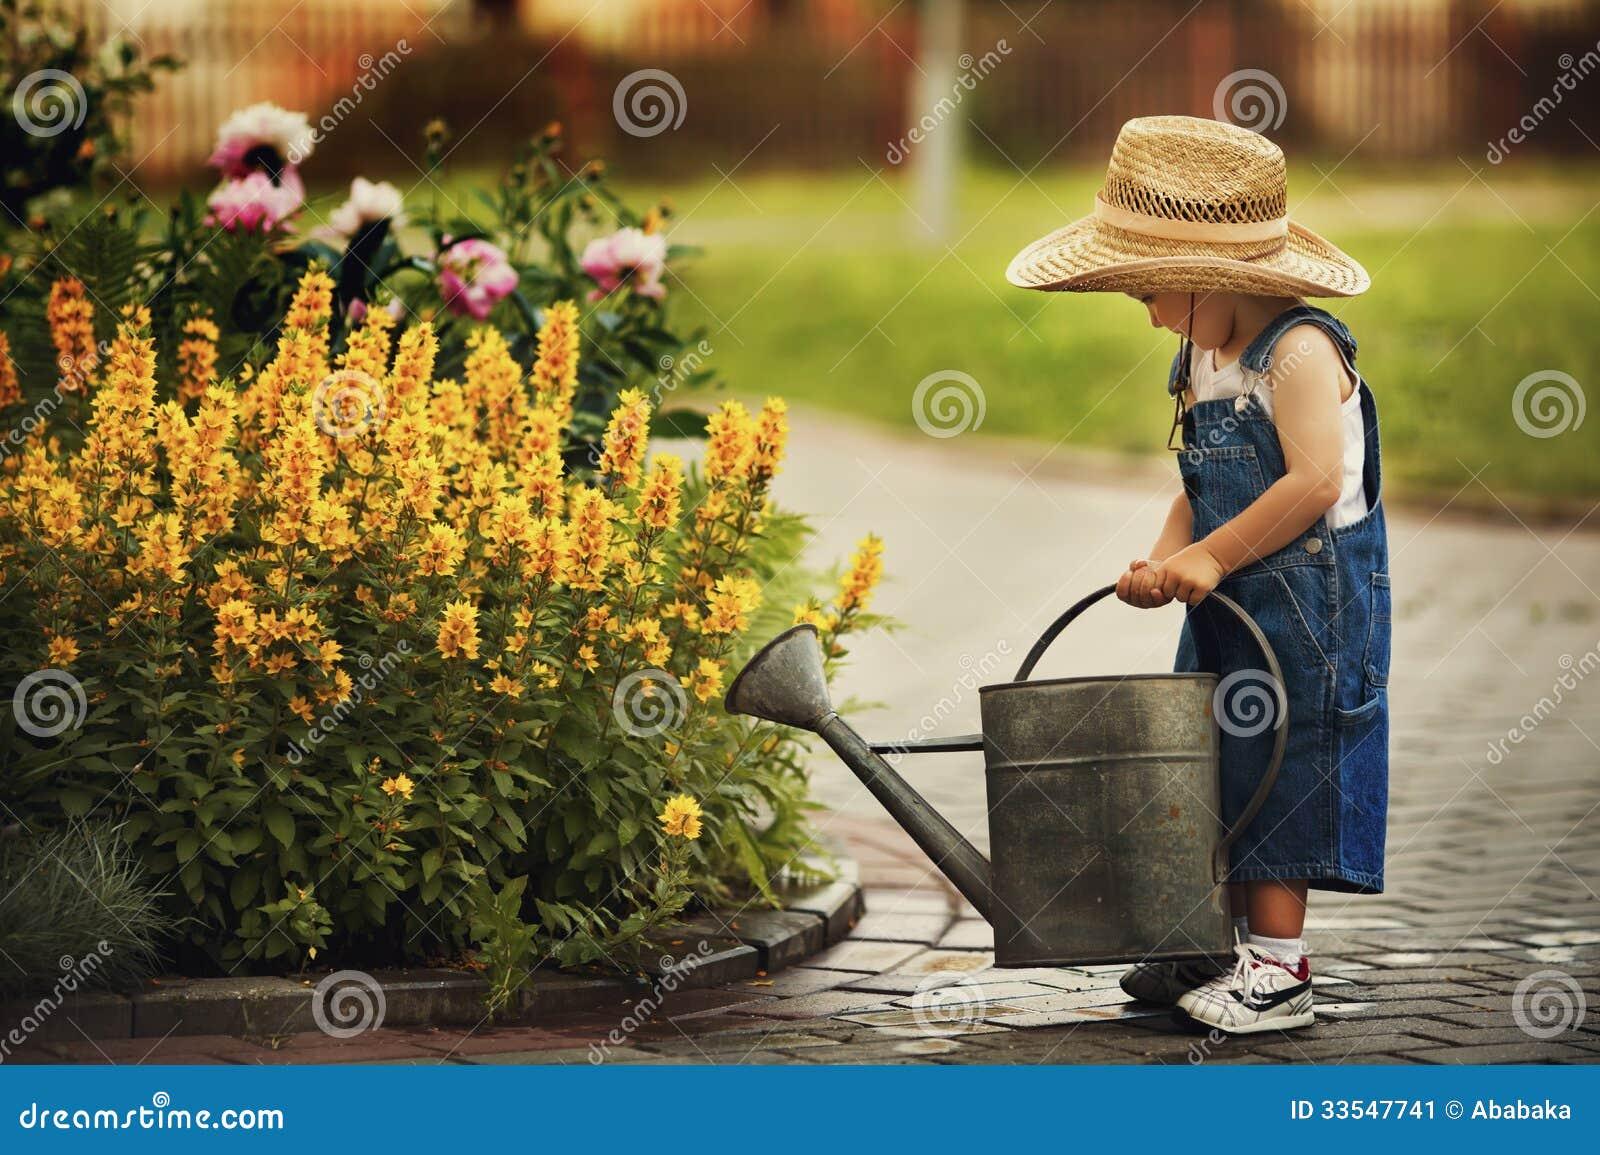 Little boy watering flowers